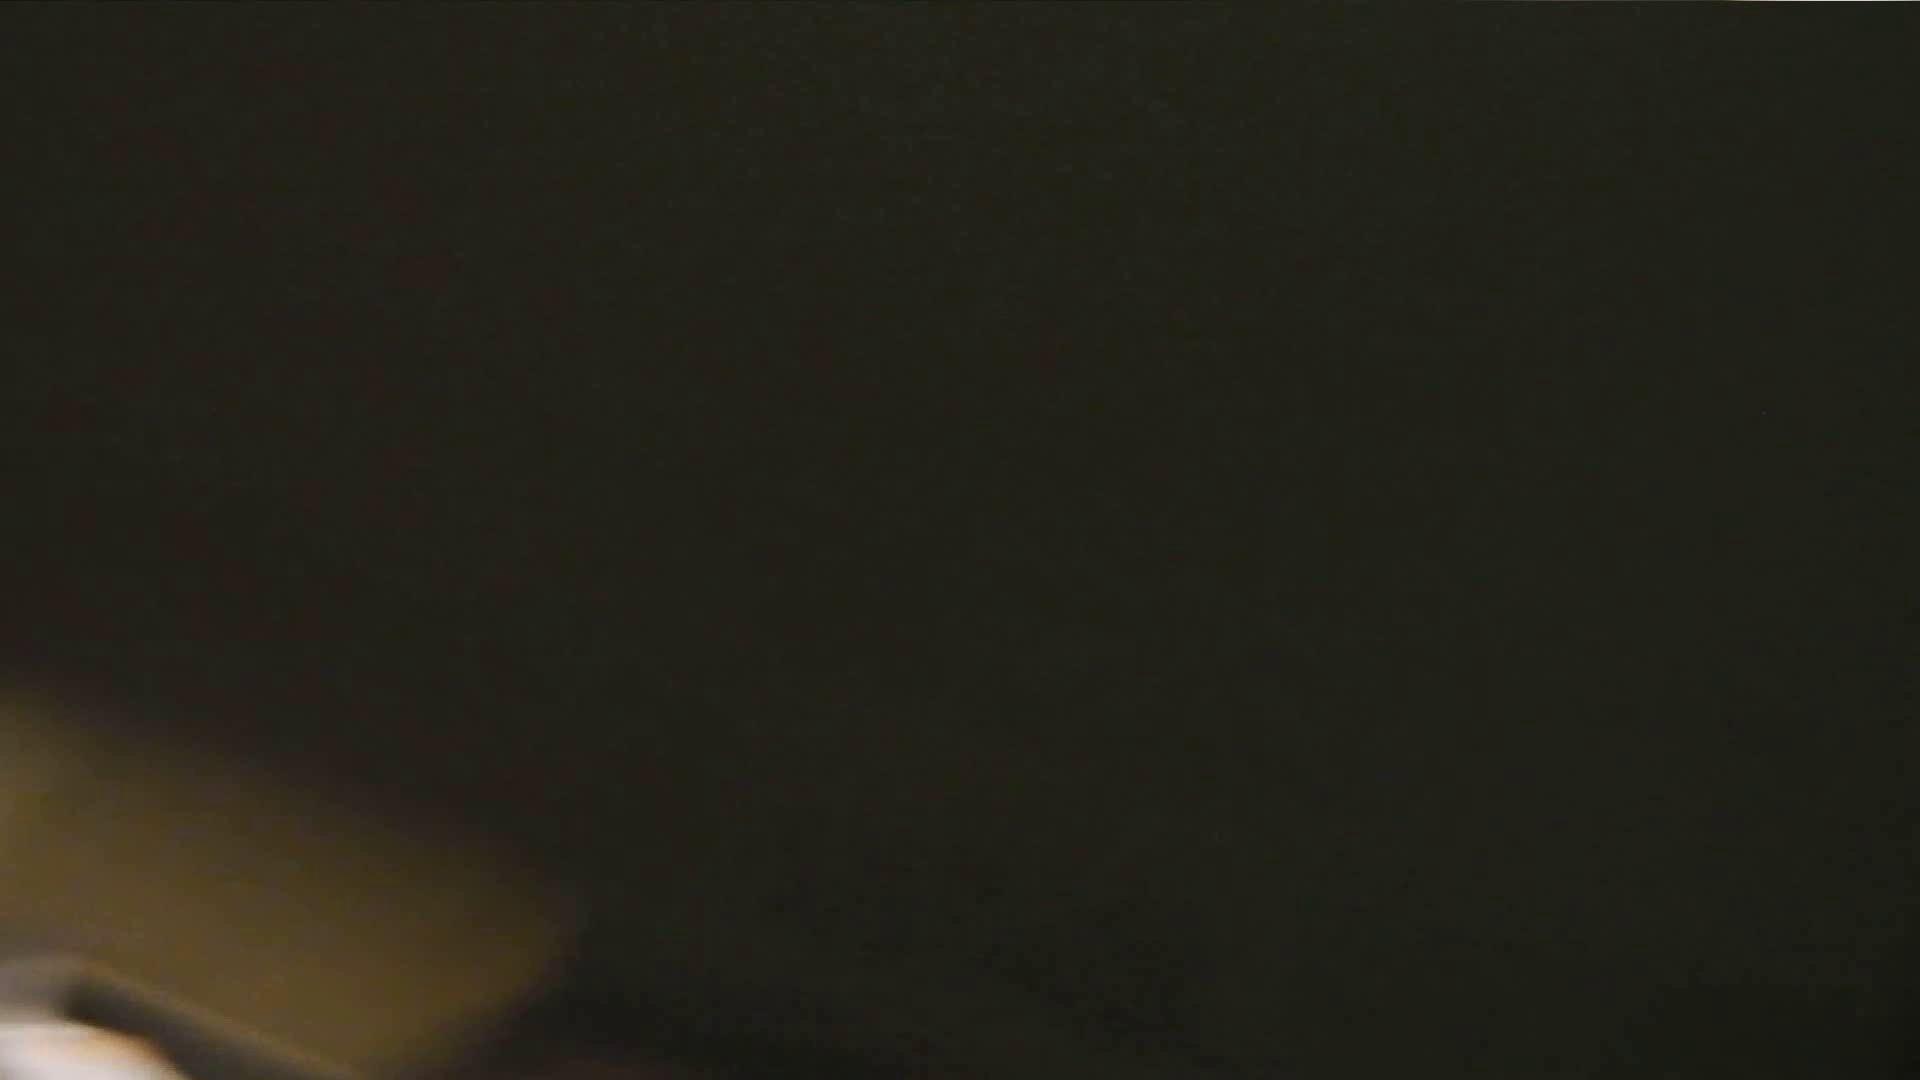 阿国ちゃんの「和式洋式七変化」No.17 高評価 アダルト動画キャプチャ 97pic 87